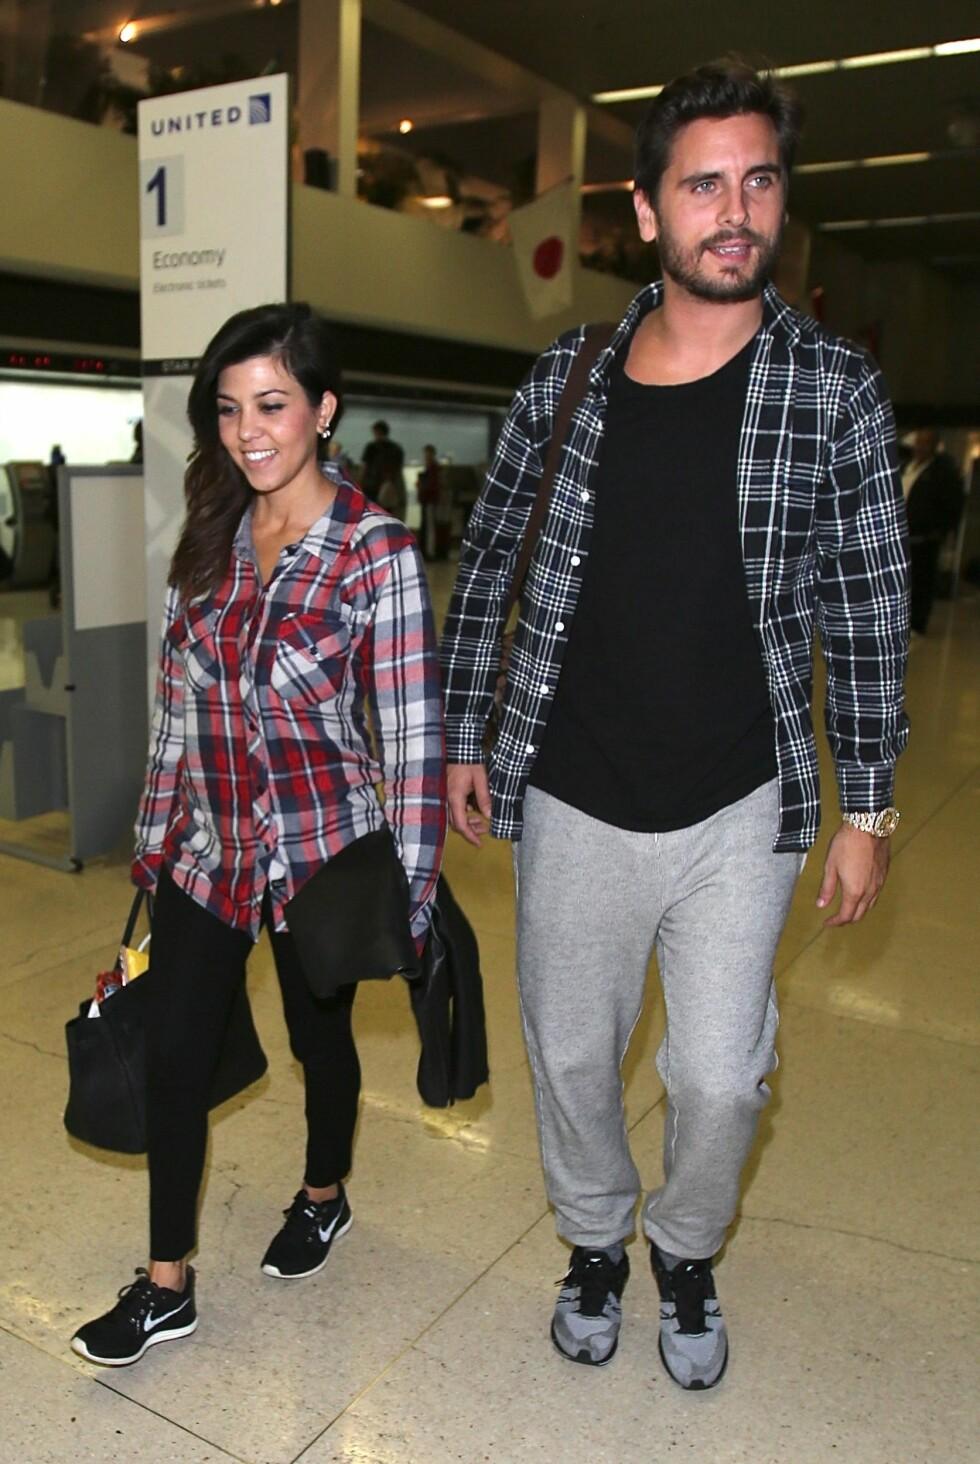 TATT PÅ FERSKEN: Kourtney Kardashian dumpet Scott Disick, som er faren til hennes tre barn, etter at han ble fotografert i het flørt med en eks-kjæreste. Foto: wenn.com